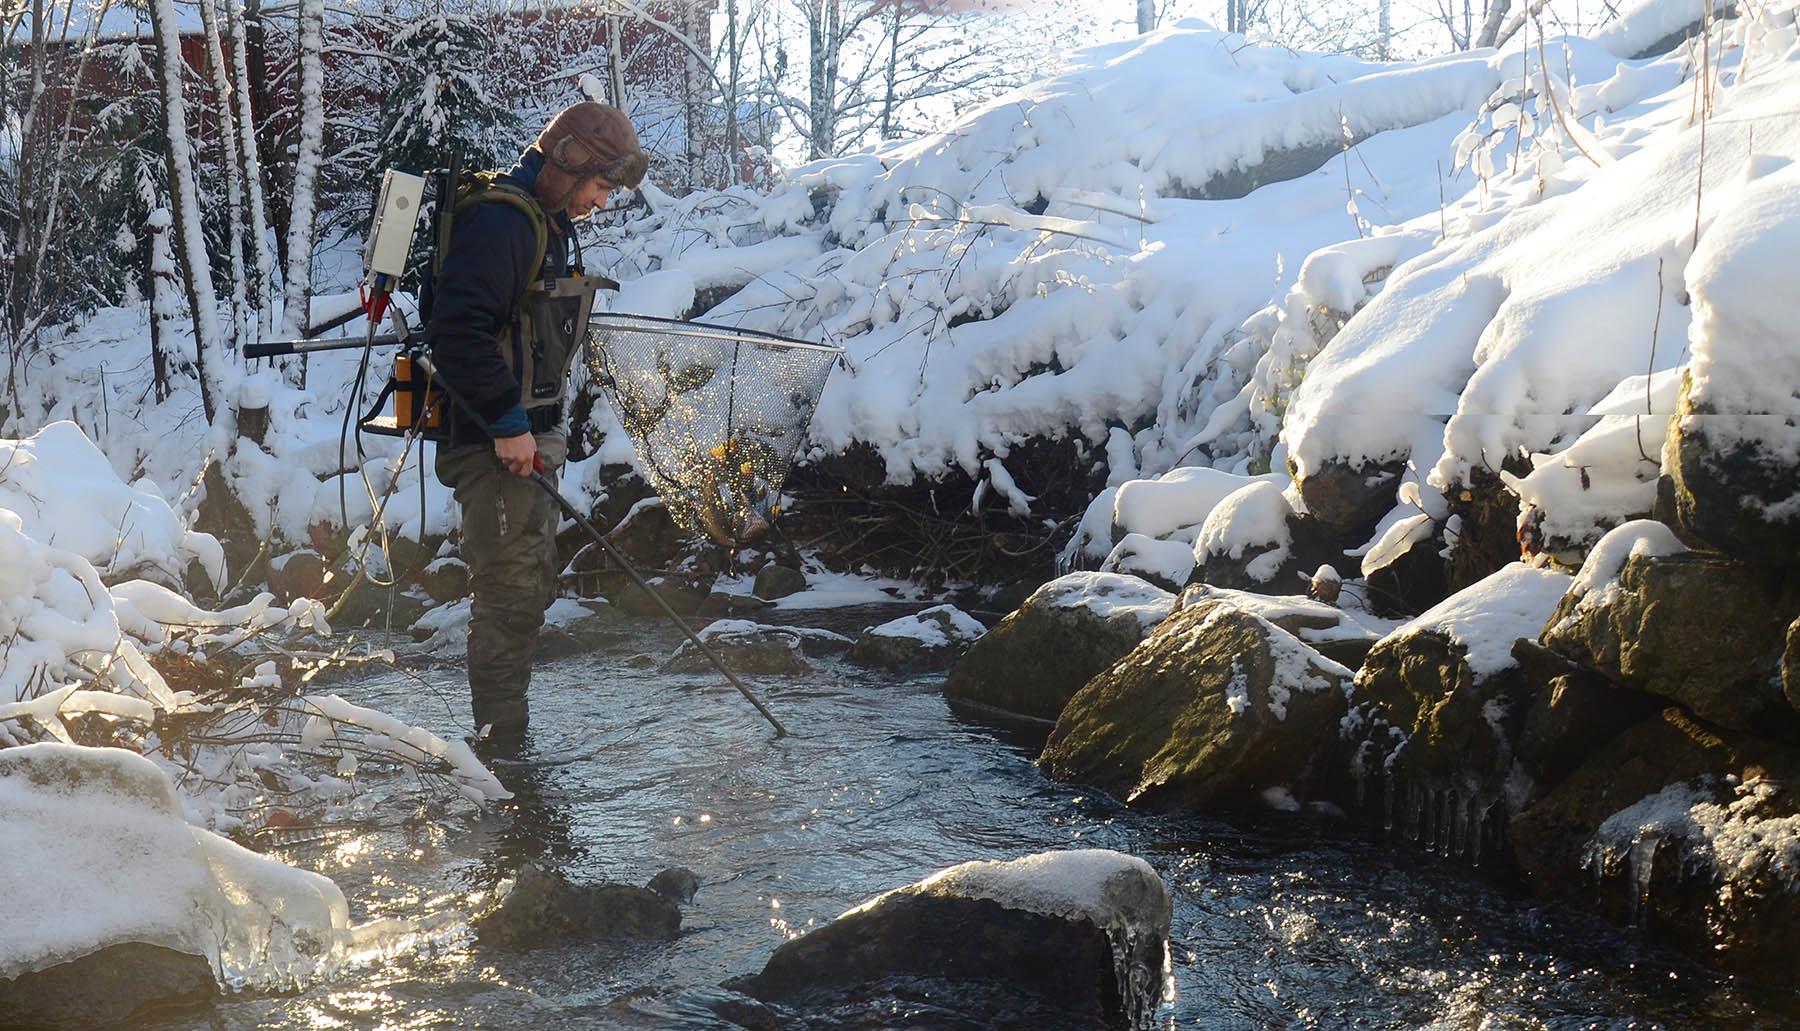 Doktorgradsstipendiat Tormod Haraldstad/NIVA har god trening i å fange gytefisk ved hjelp av el-fiskeapparat og hov. Selv i små bekker og kystvassdrag går det stor sjøørret i perioden oktober-desember. Foto: Øivind Berg